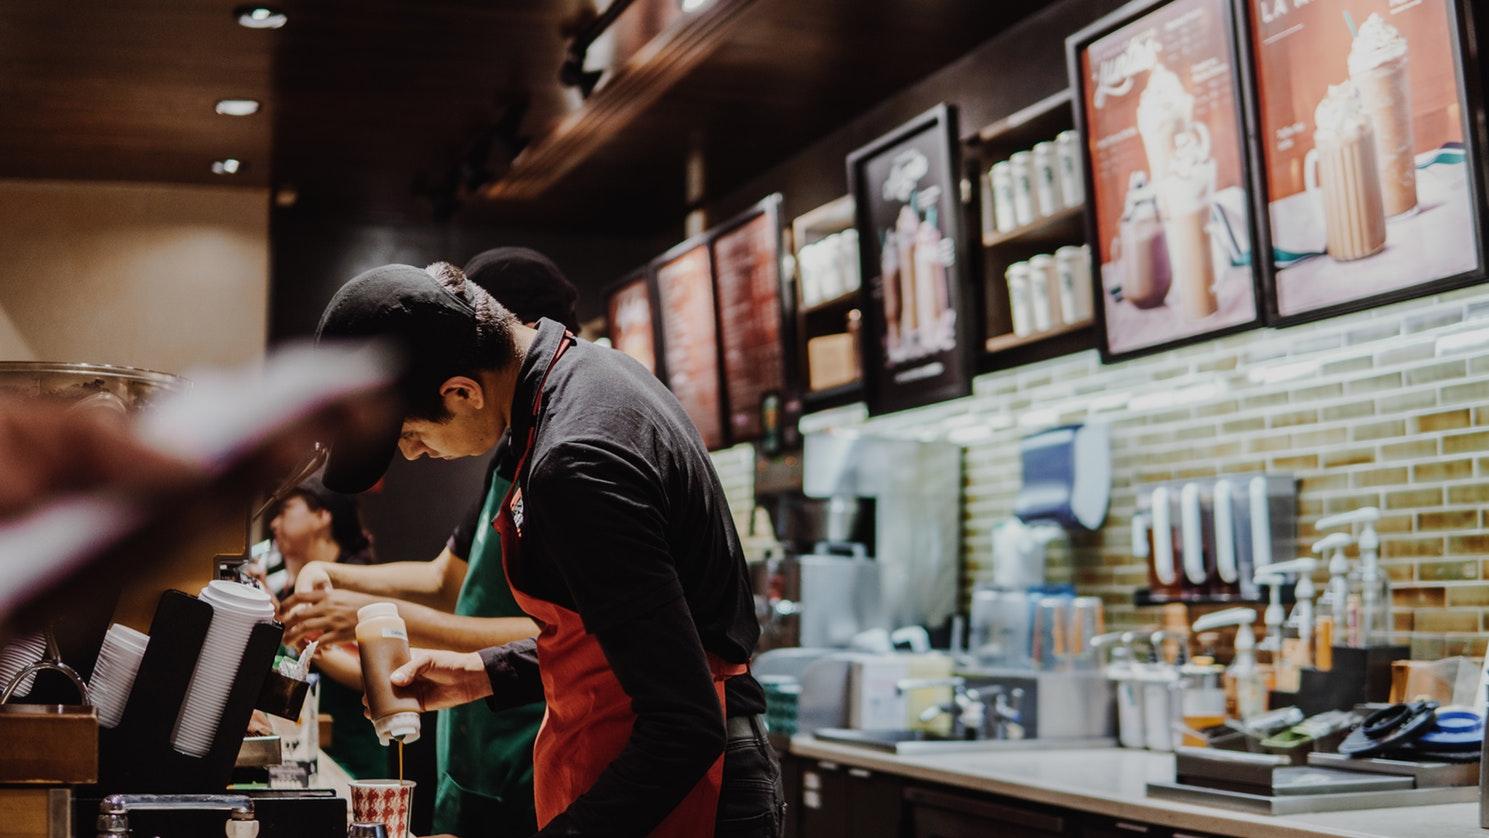 man preparing Starbucks Smoothies